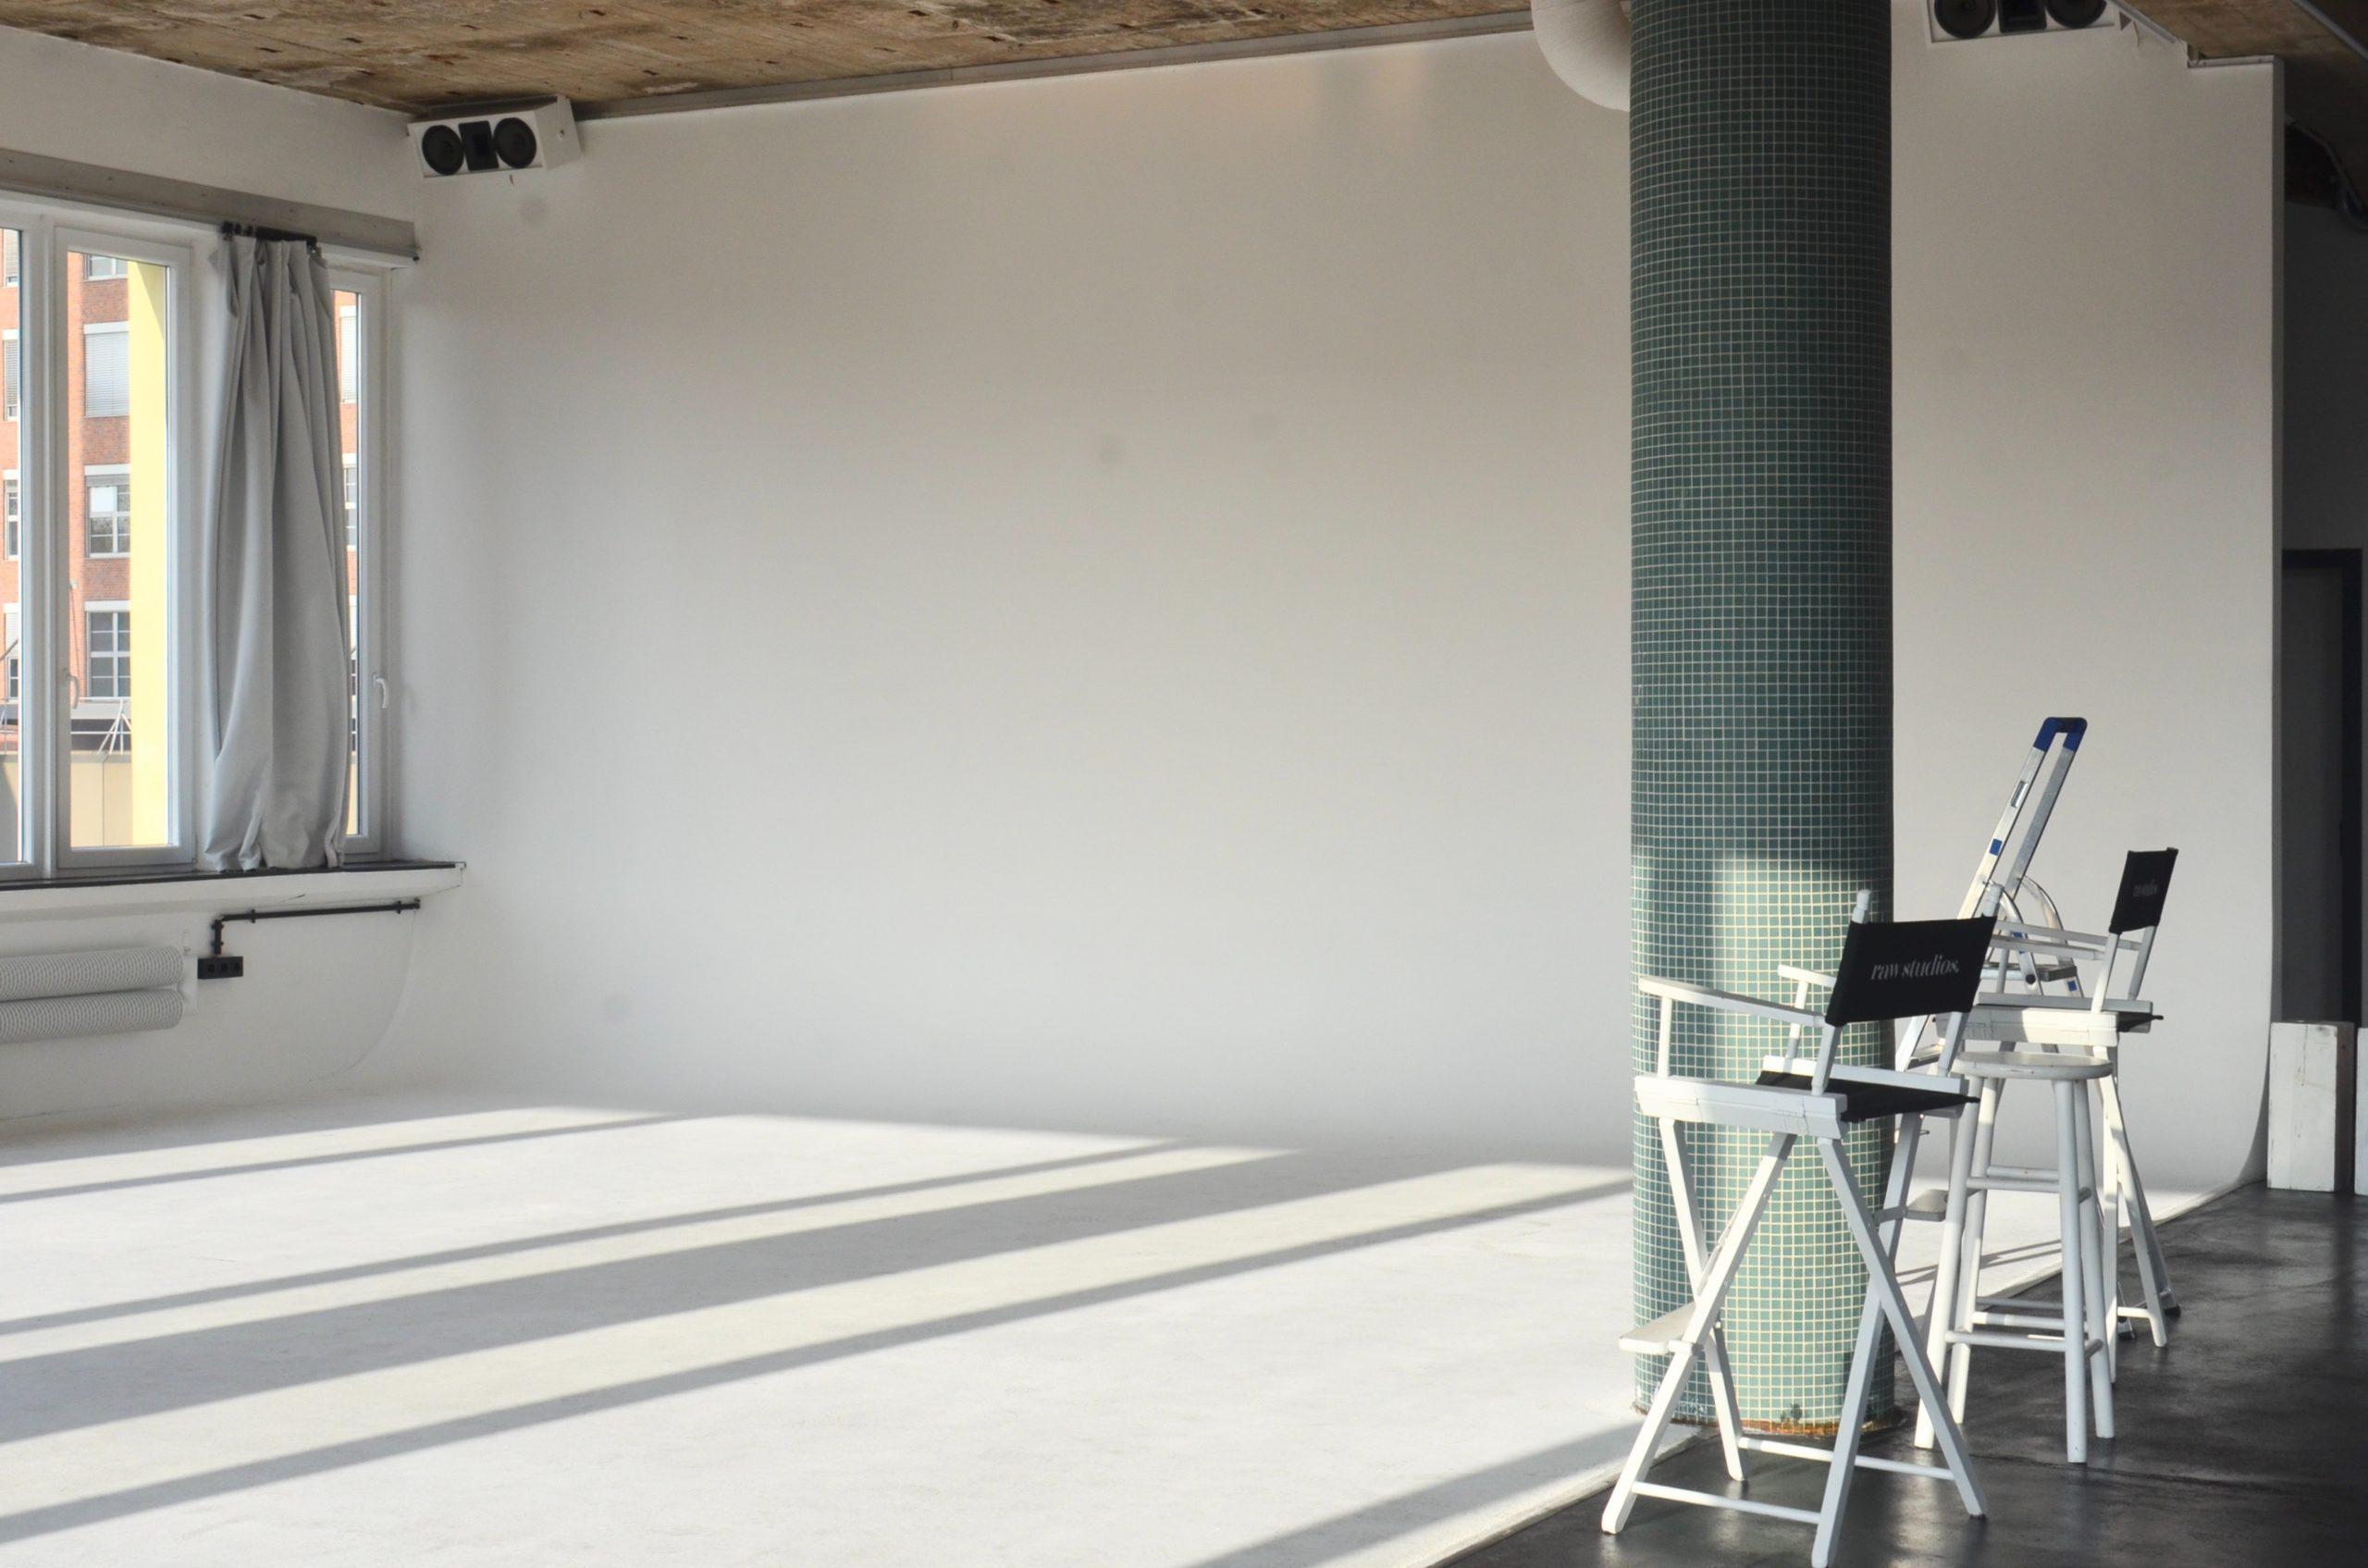 Pour commencer à se créer un espace personnel, un repaire, il faut faire table rase de tout et partir d'une pièce vide.